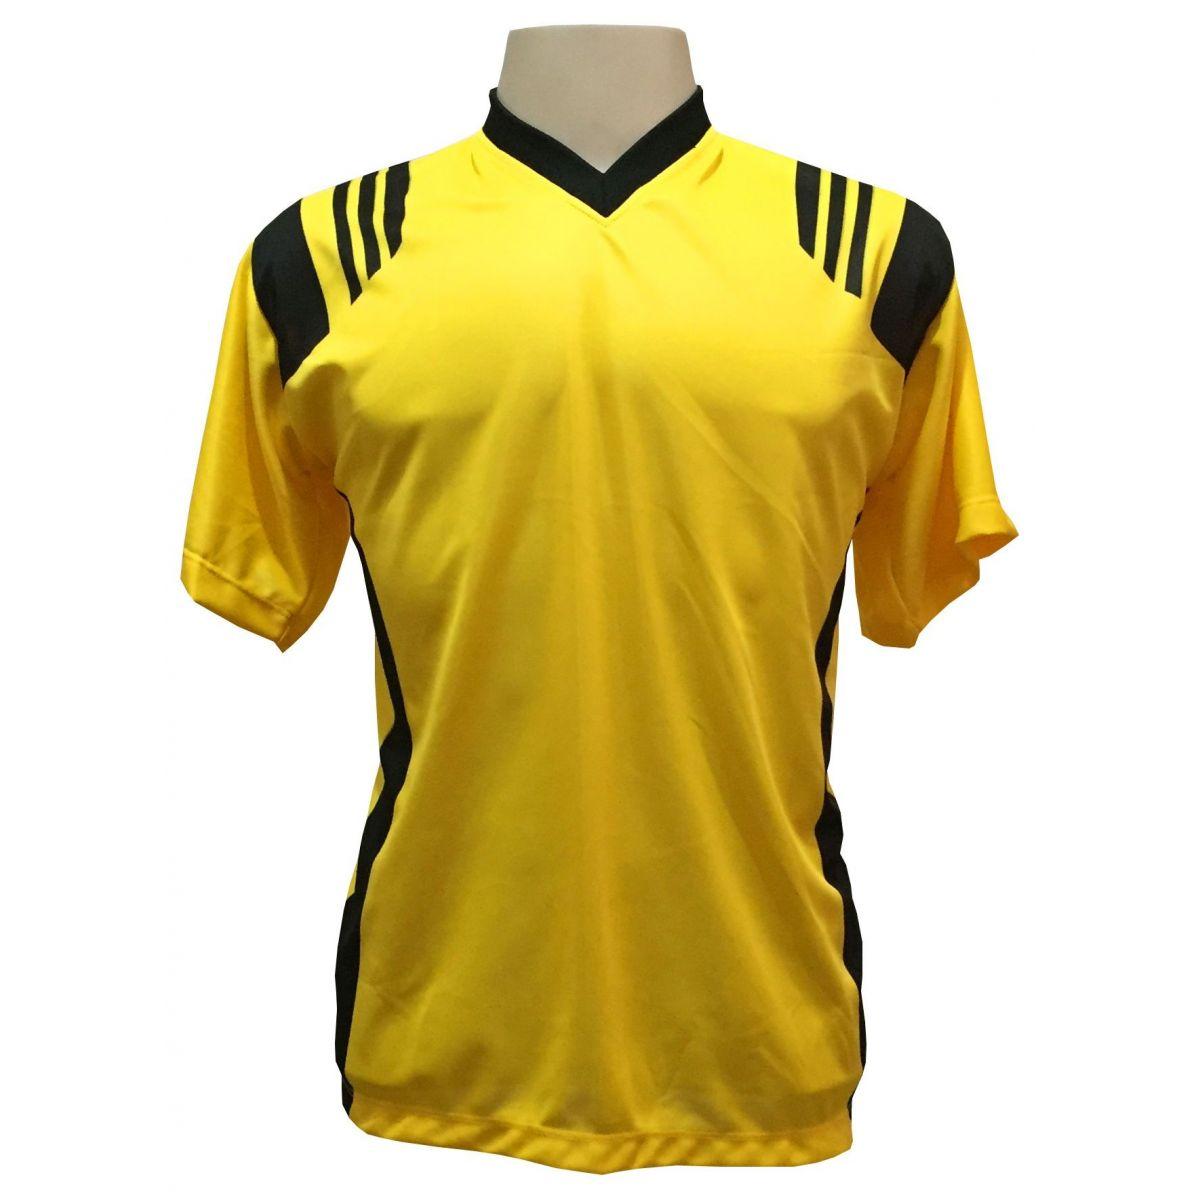 Fardamento Completo modelo Roma 18+2 (18 Camisas Amarelo/Preto + 18 Calções Madrid Preto + 18 Pares de Meiões Pretos + 2 Conjuntos de Goleiro) + Brindes